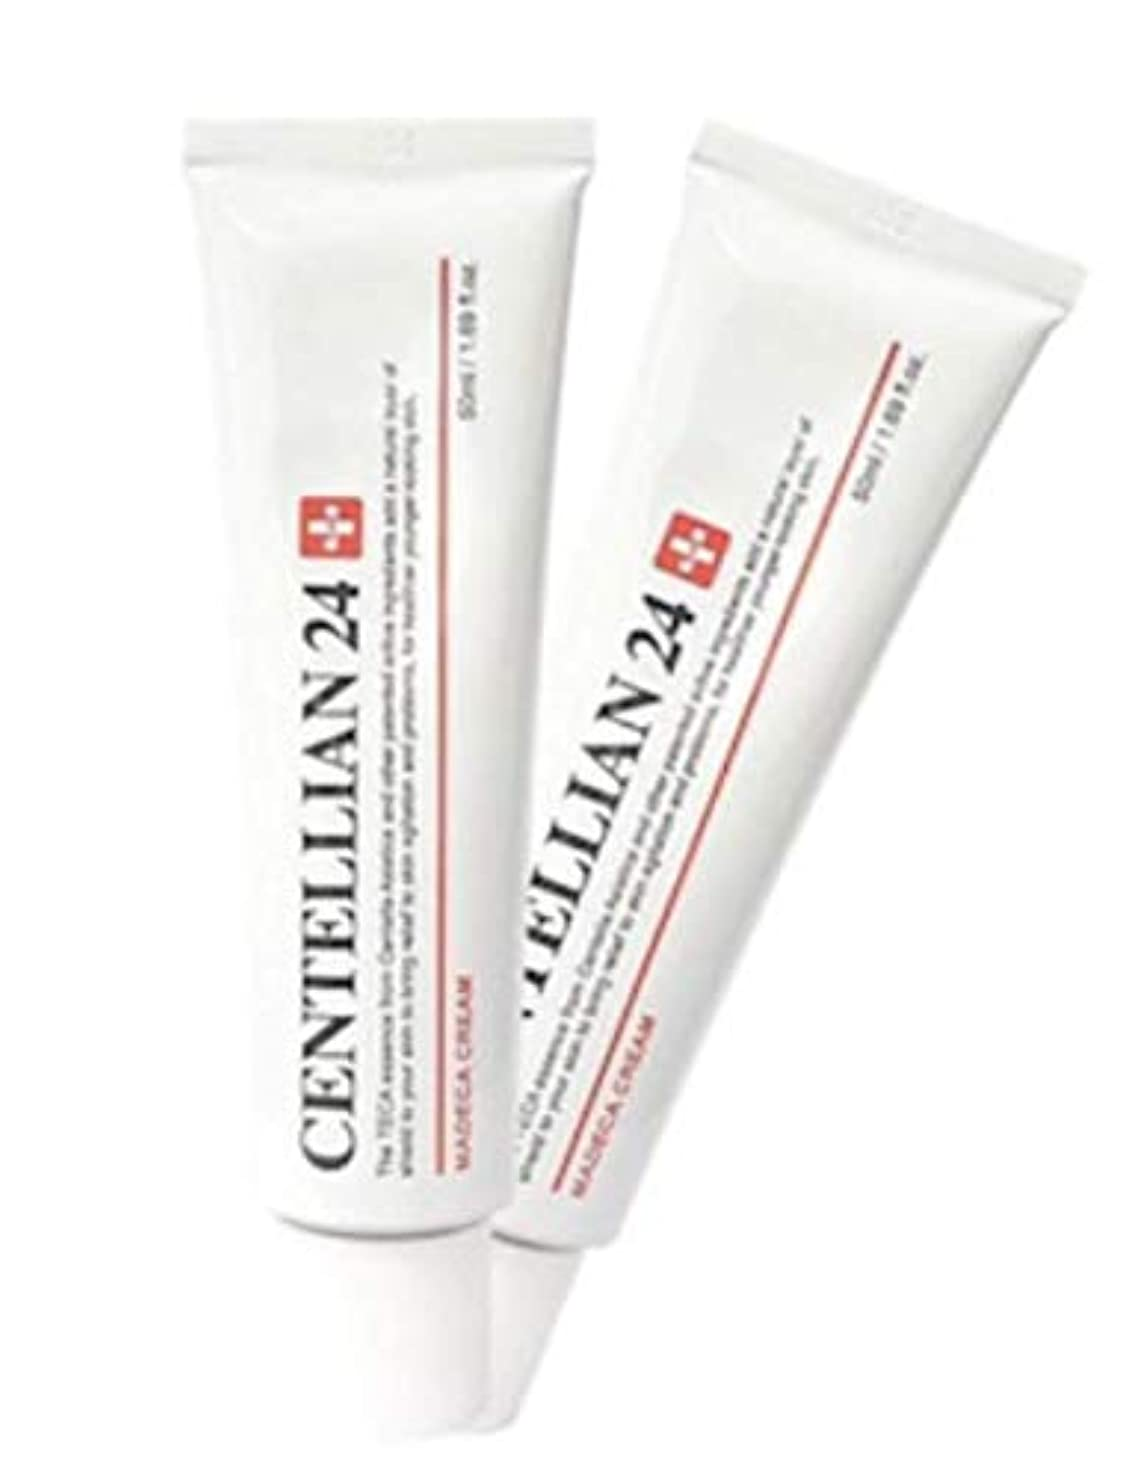 ピービッシュスーパー発表センテルリアン24マデカクリム50ml x 2本セット肌の保湿損傷した肌のケア、Centellian24 Madeca Cream 50ml x 2ea Set Skin Moisturizing Damaged Skin...